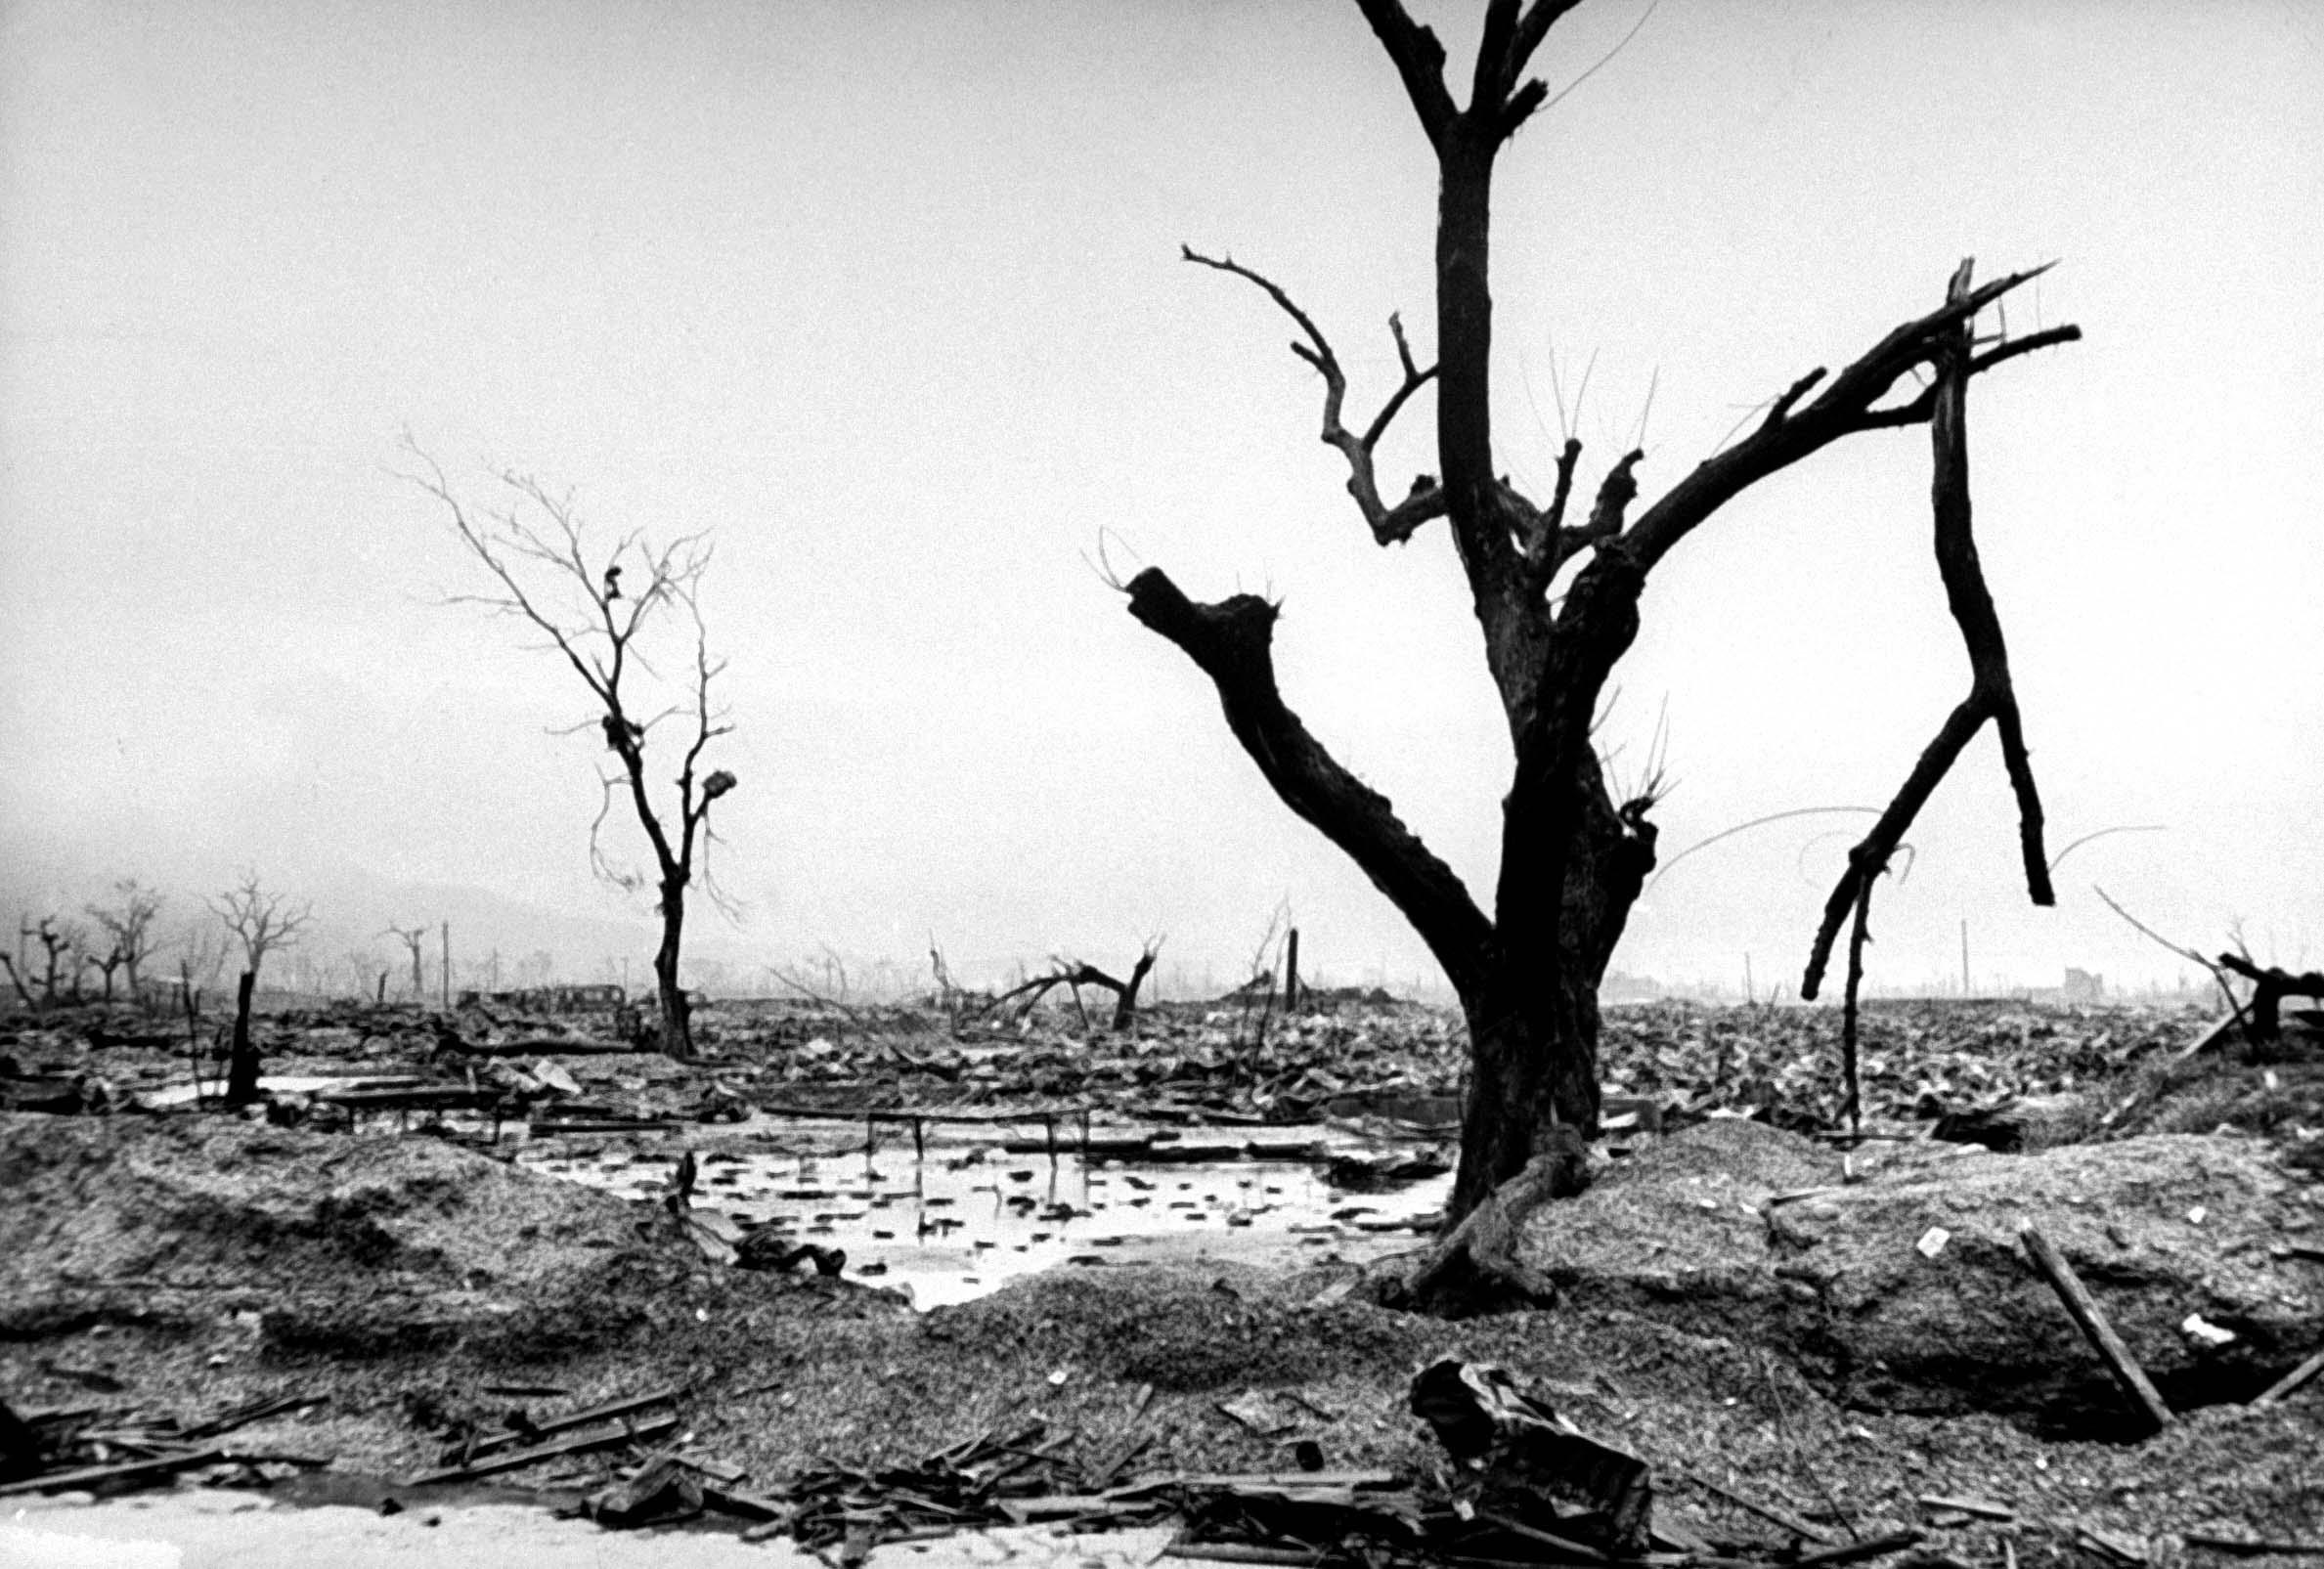 Bomen tegen bommen: Green Legacy Hiroshima Inititative vraagt aandacht voor blijvend gevaar kernwapens